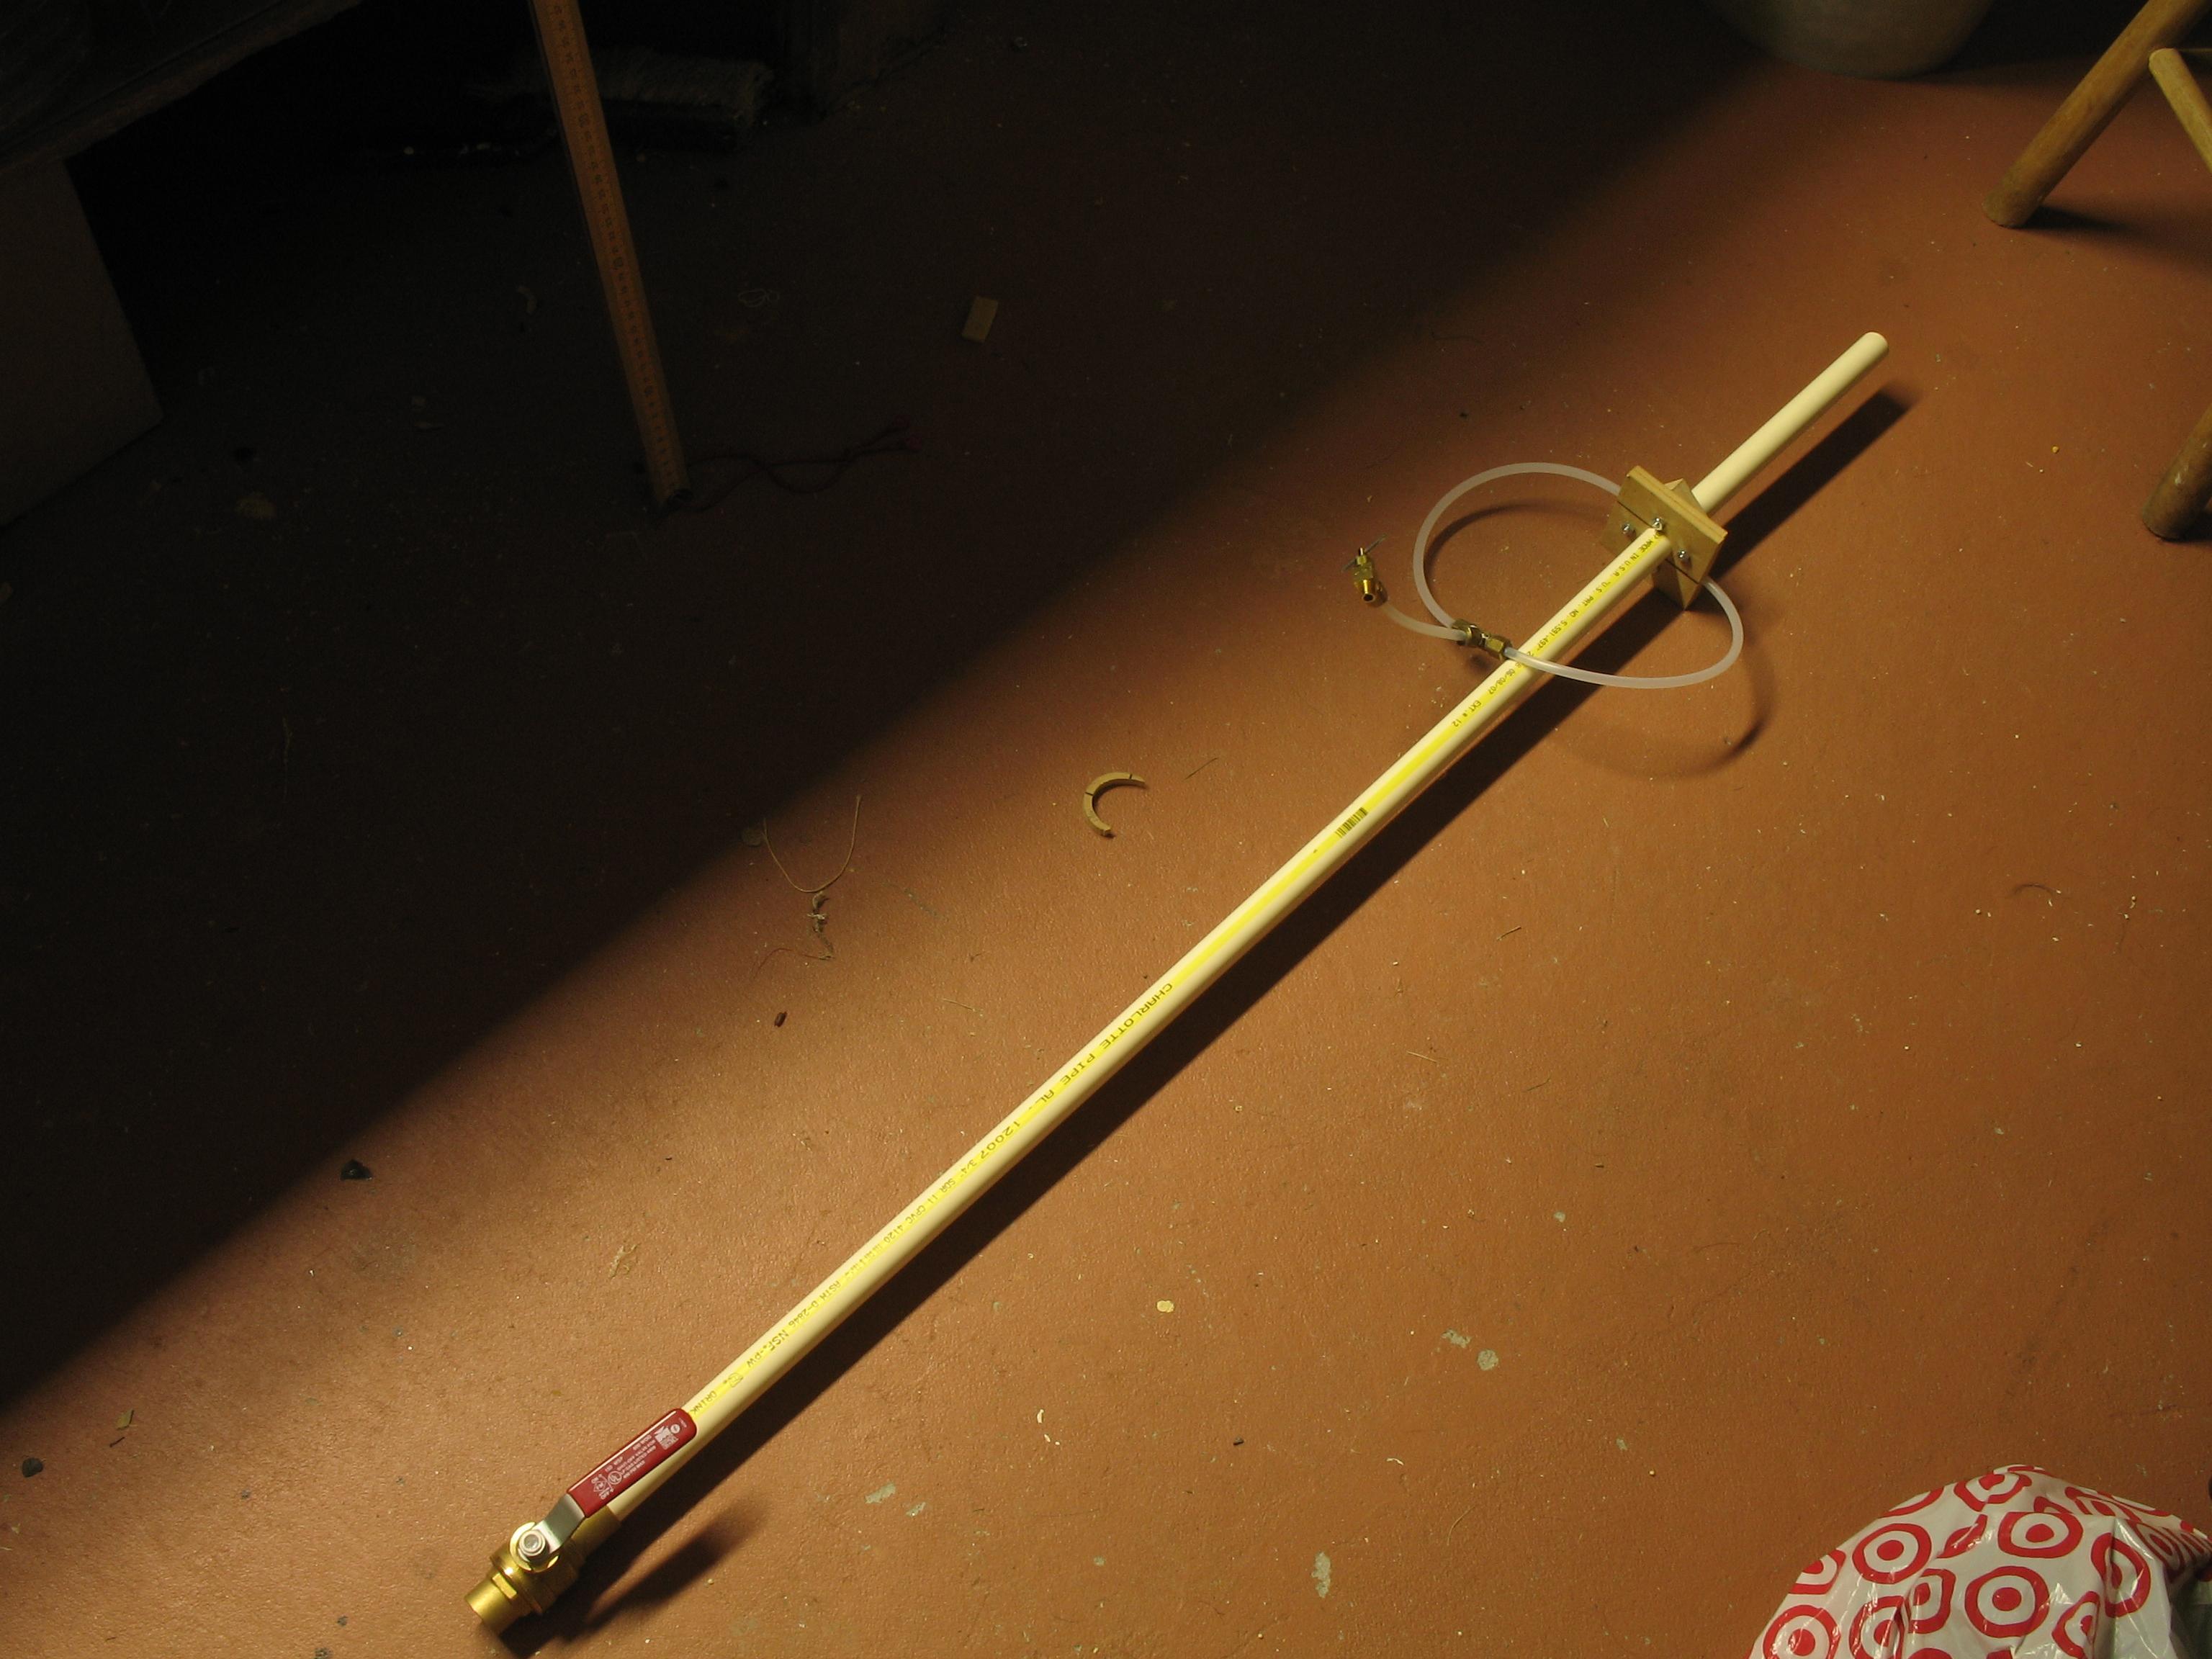 The Hilsch vortex tube